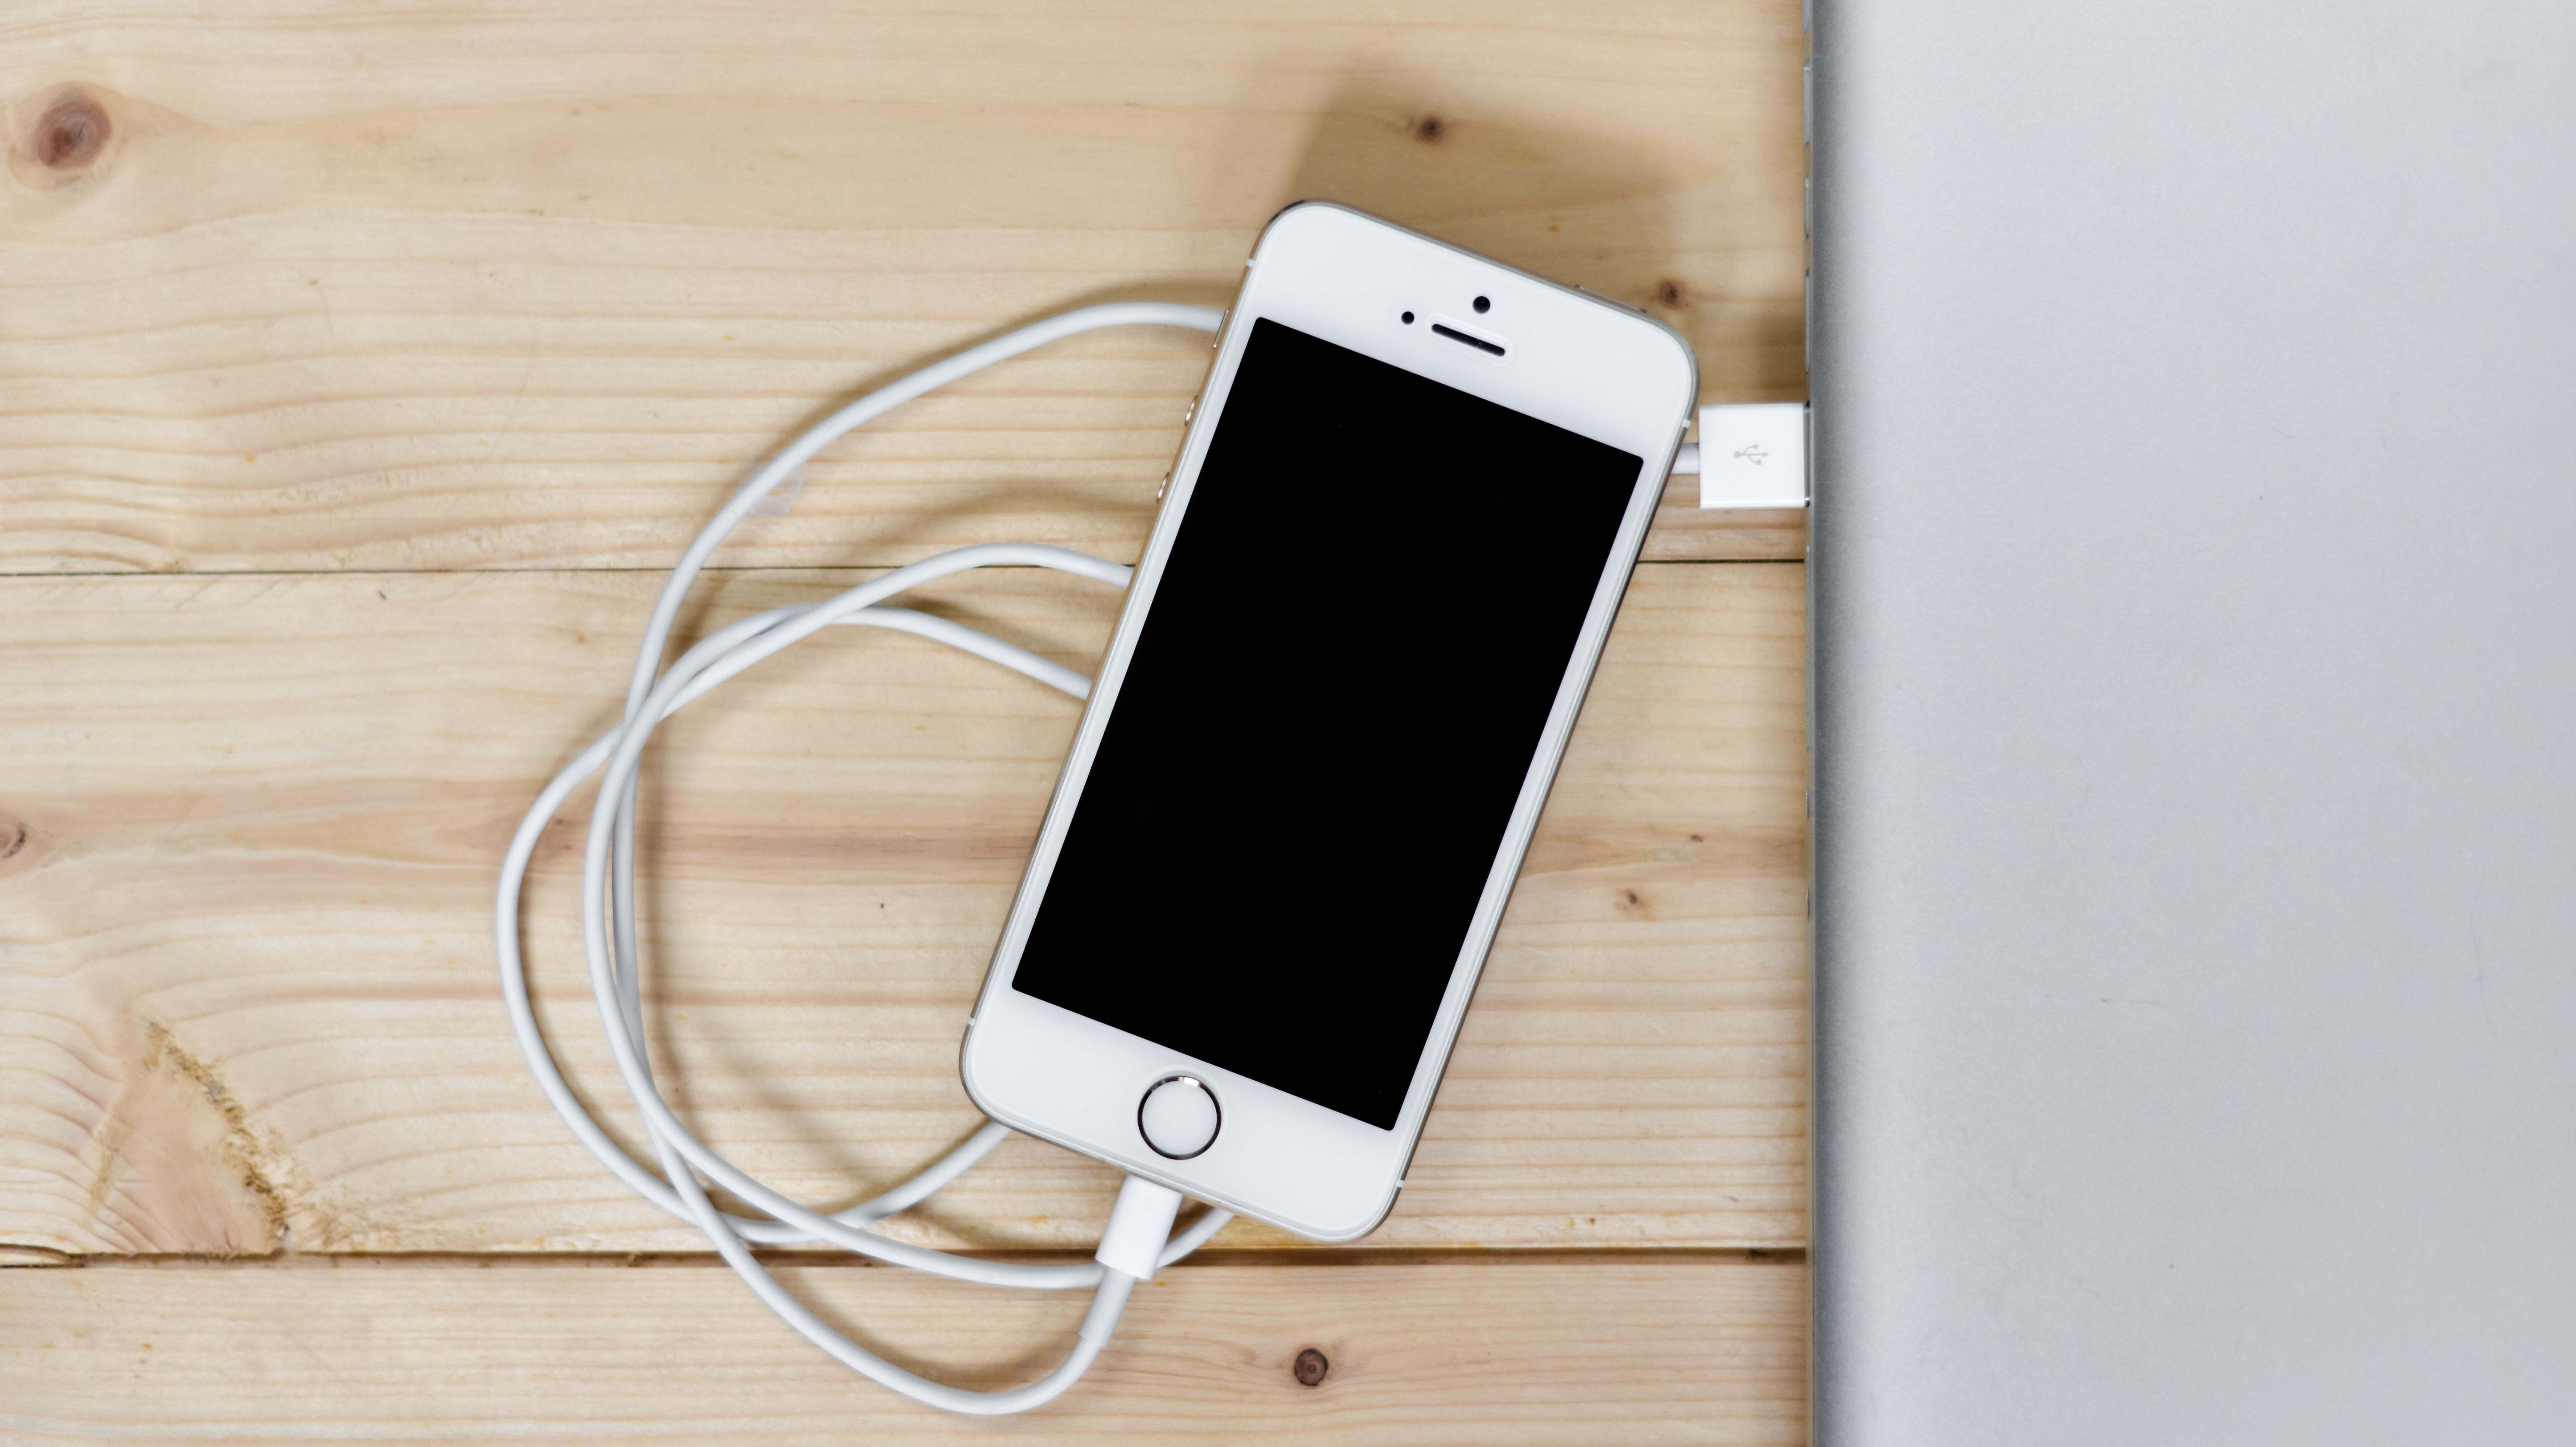 iphone 7 geht nicht an was tun